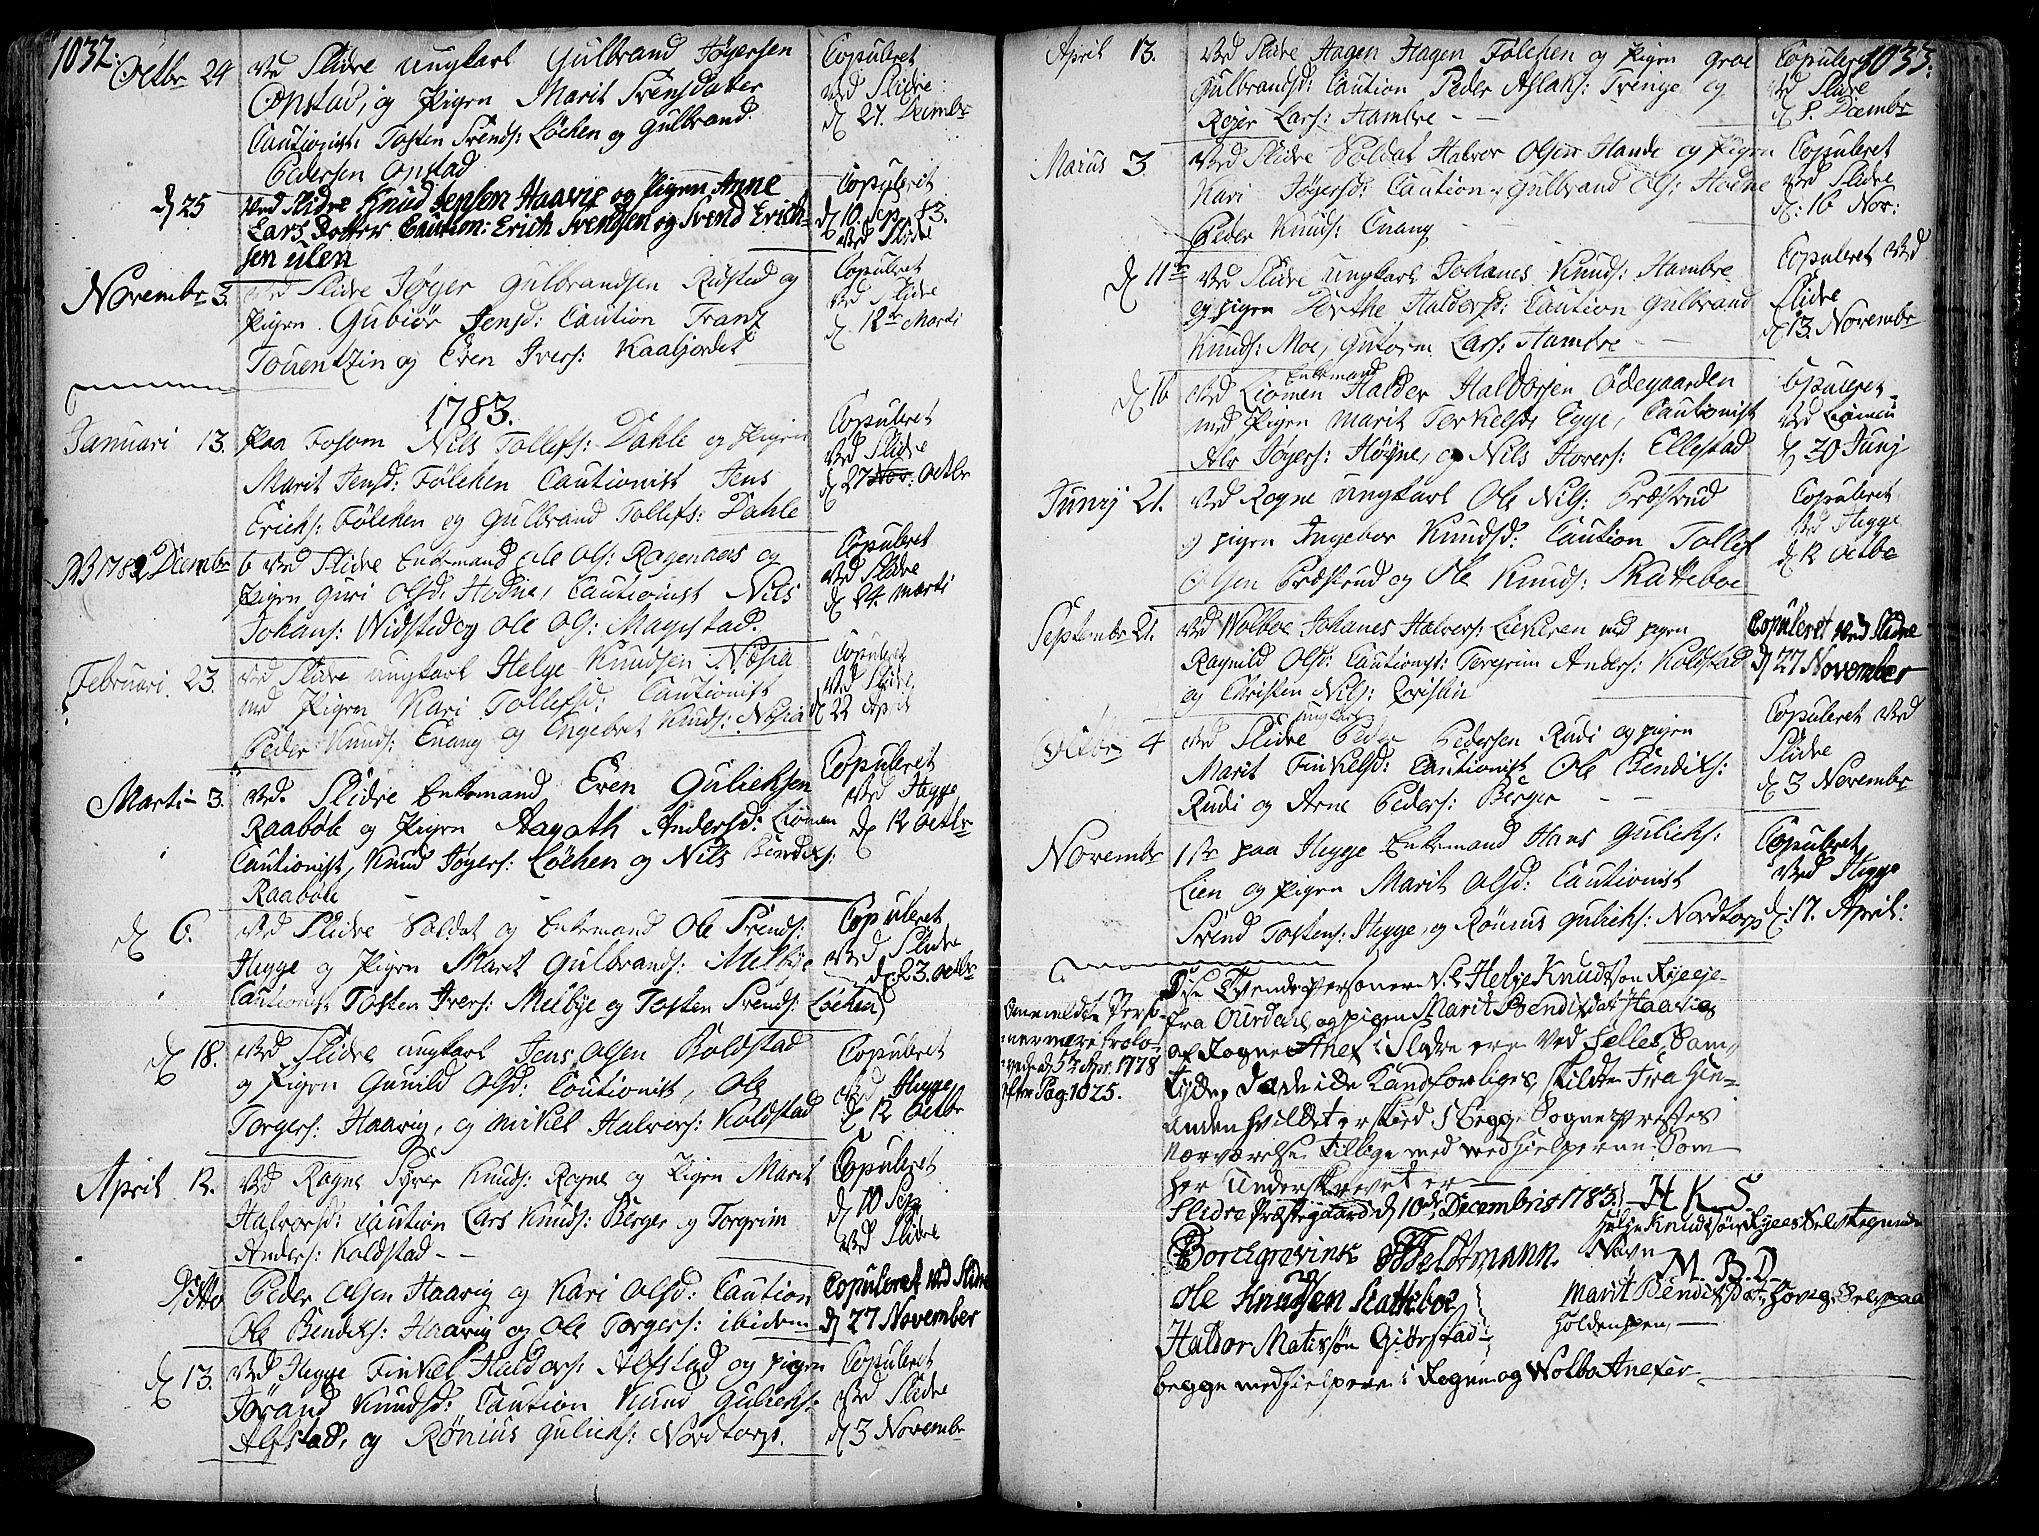 SAH, Slidre prestekontor, Ministerialbok nr. 1, 1724-1814, s. 1032-1033